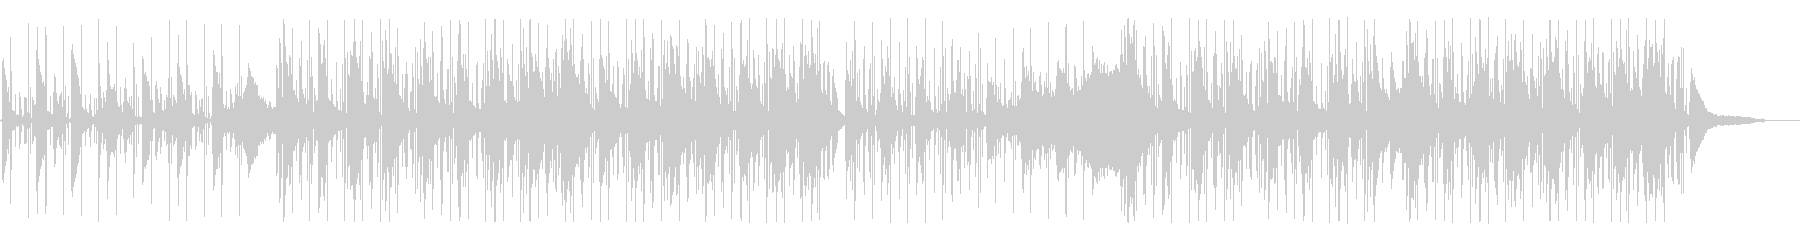 寂しいアンビエント、ヒップホップの未再生の波形